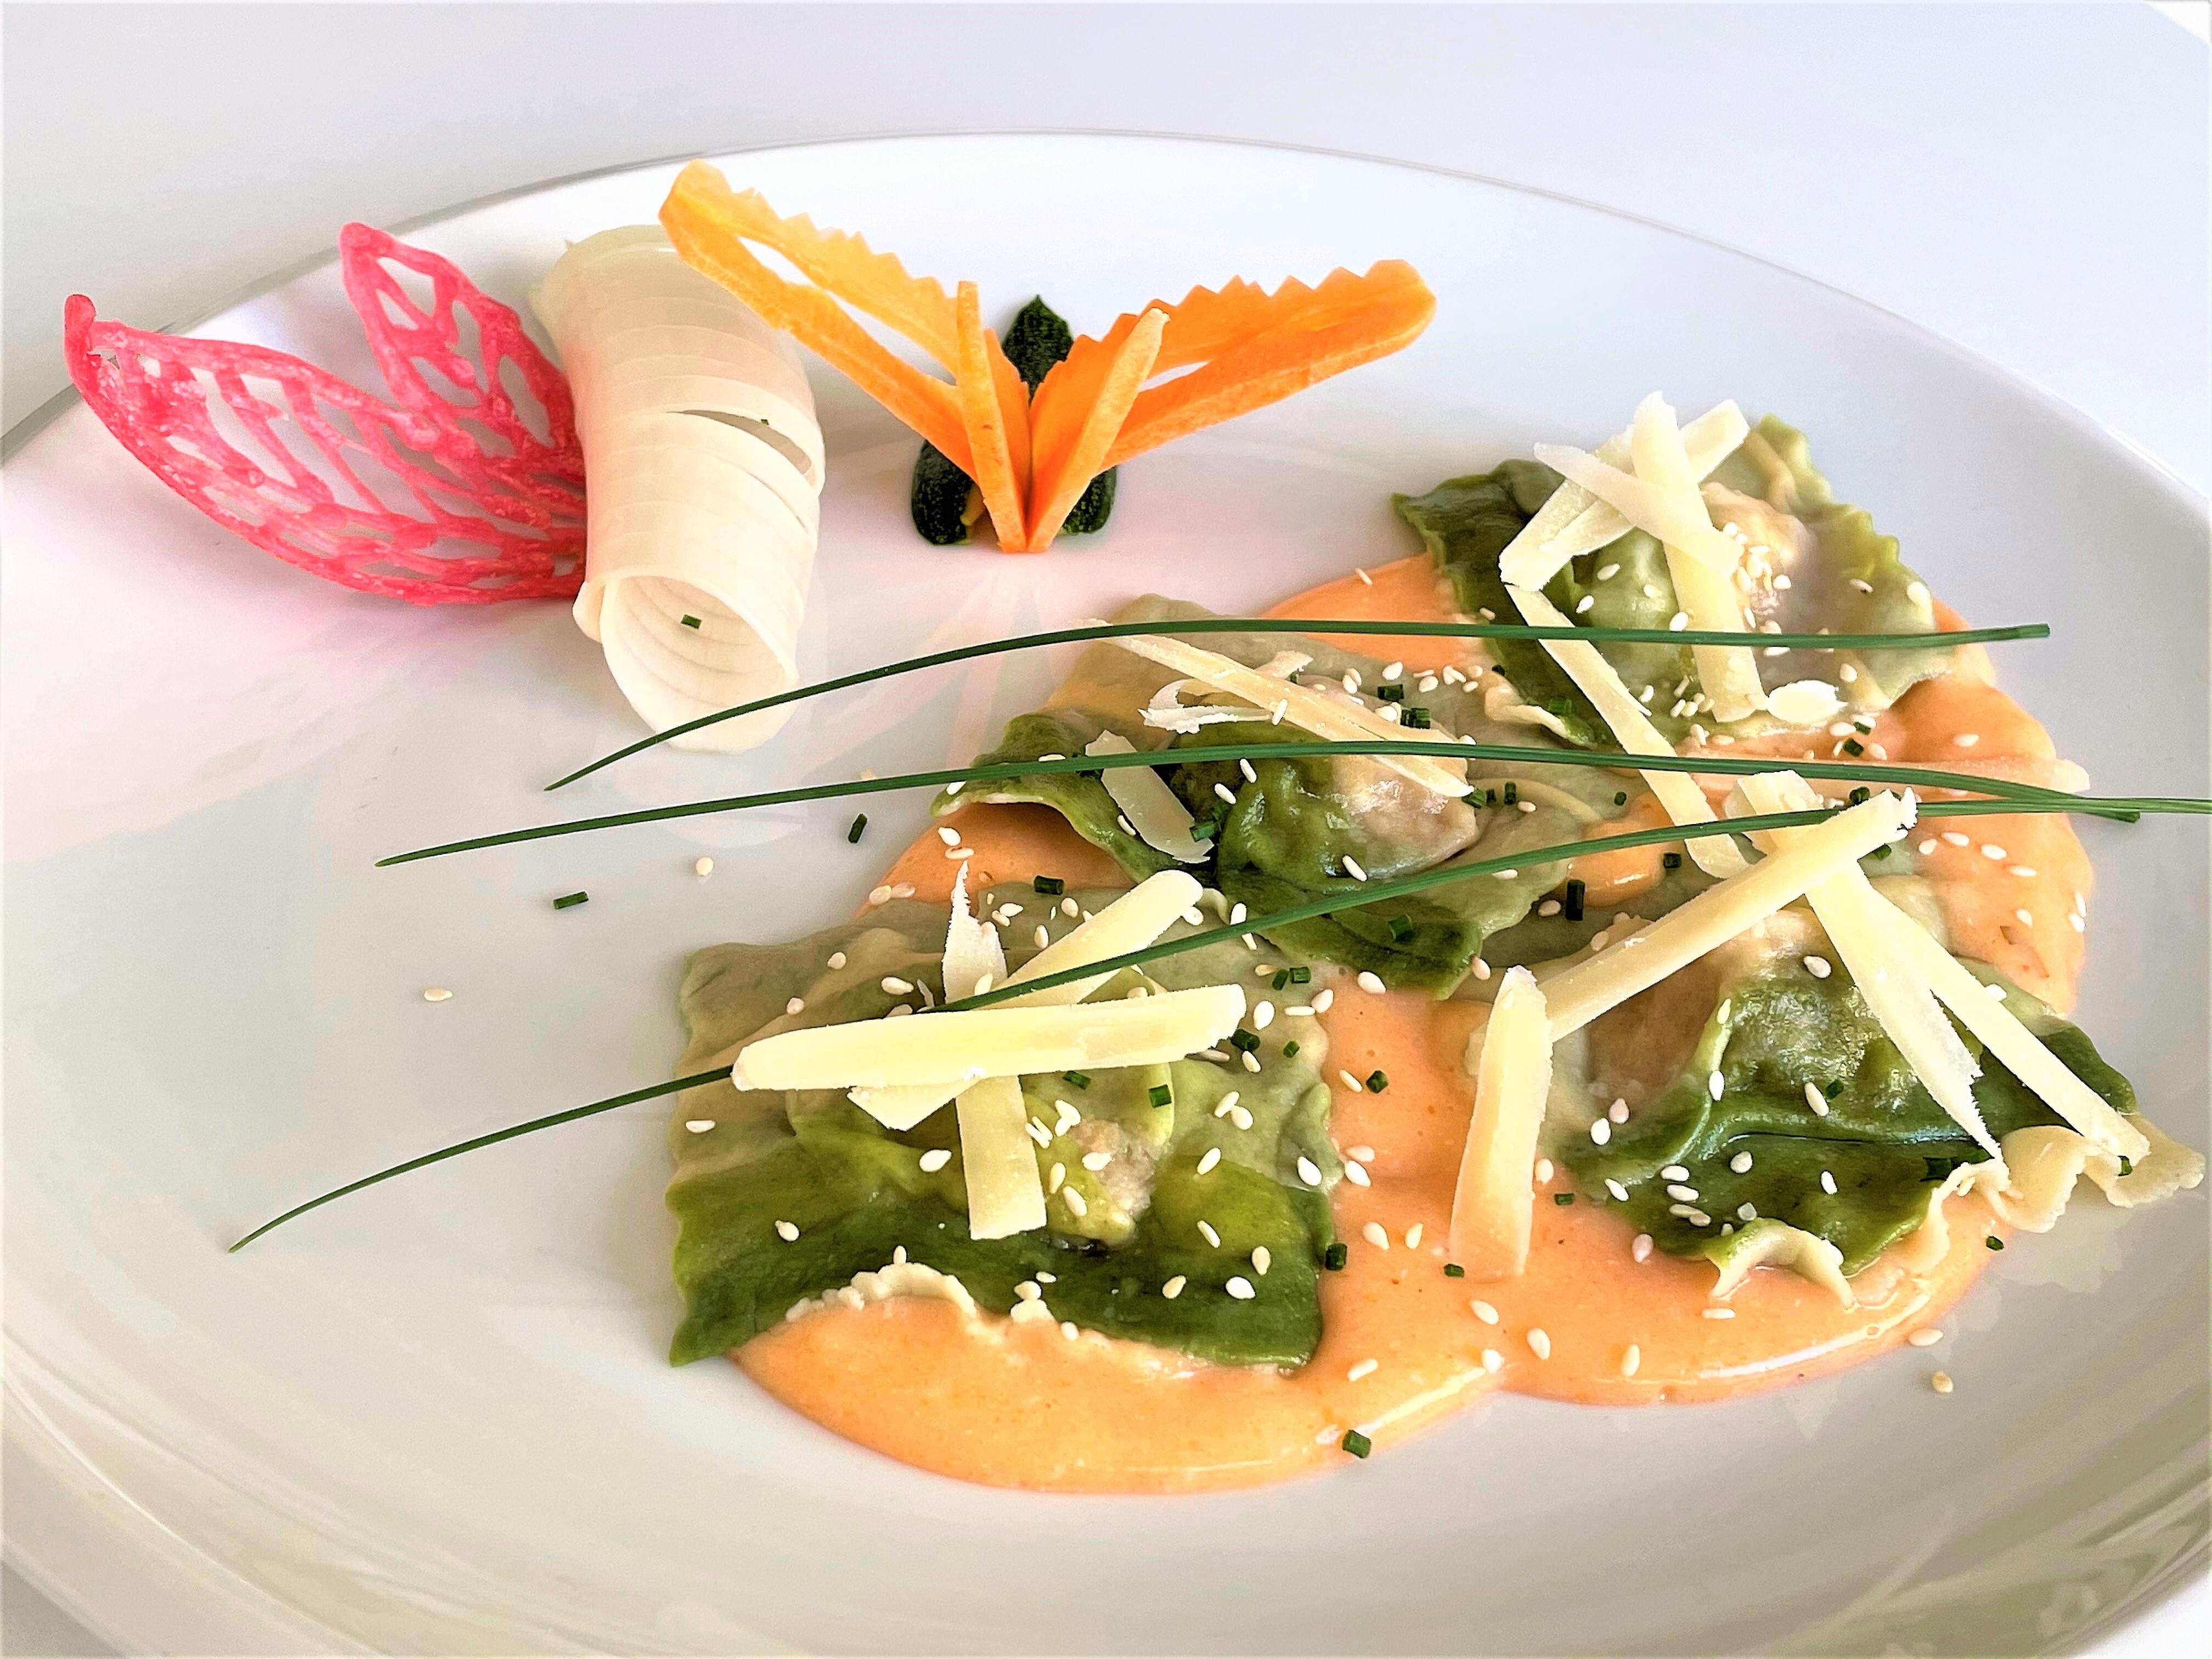 Ravioli bicolore ai funghi con salsa rosa